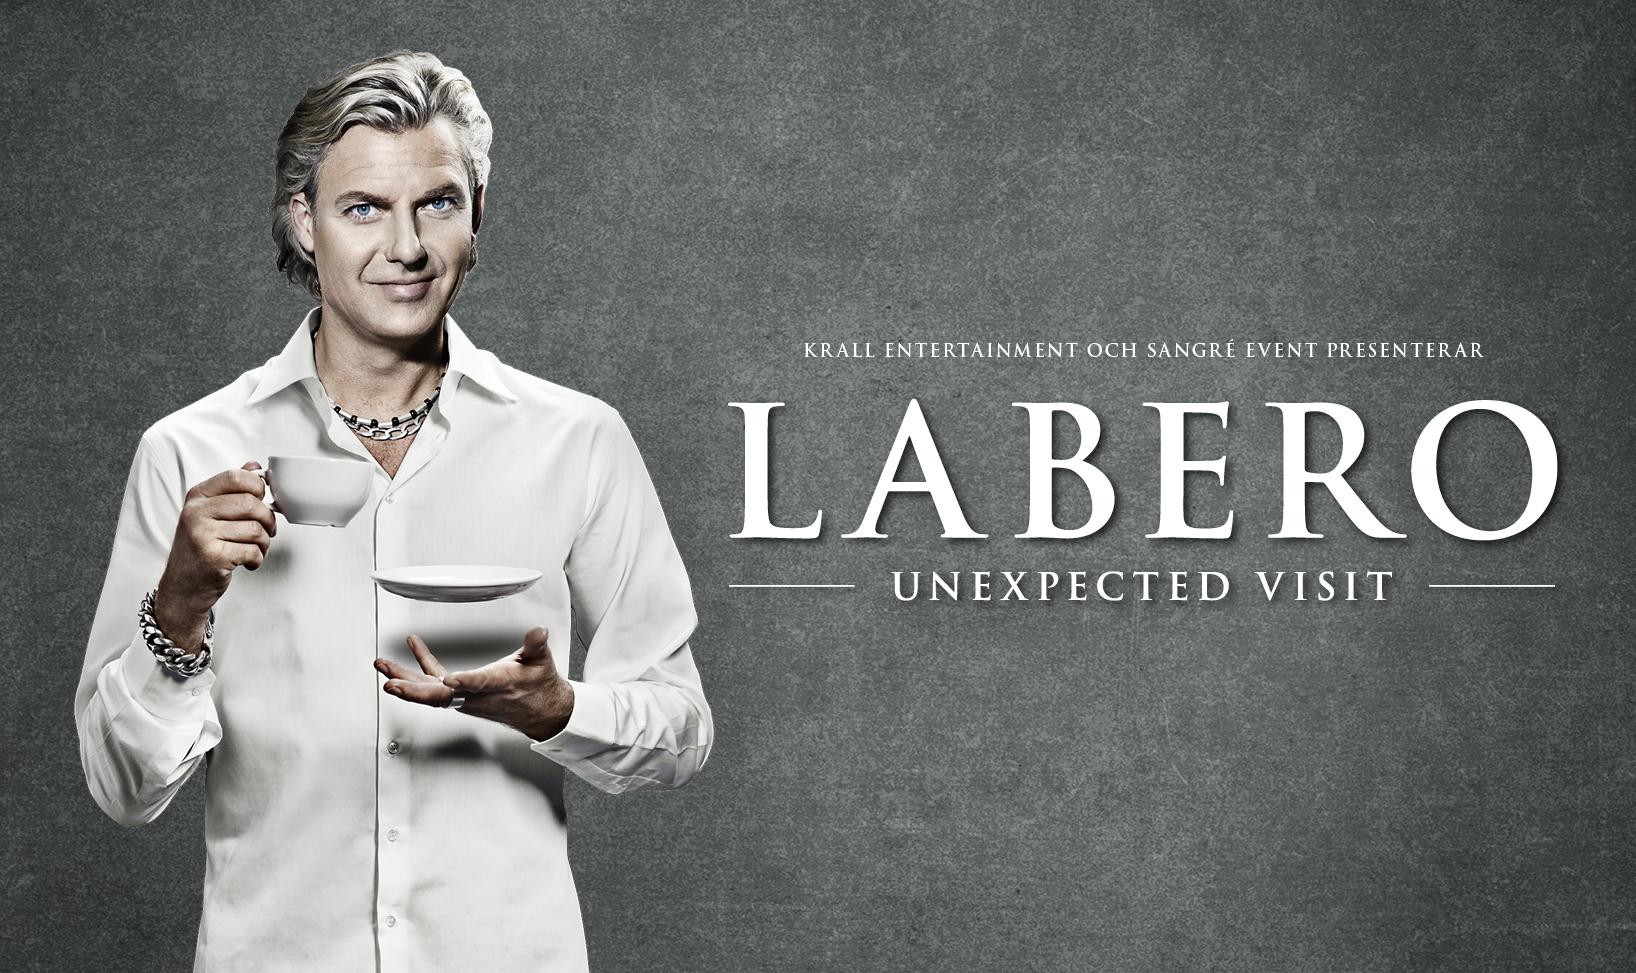 Affisch Joe Labero